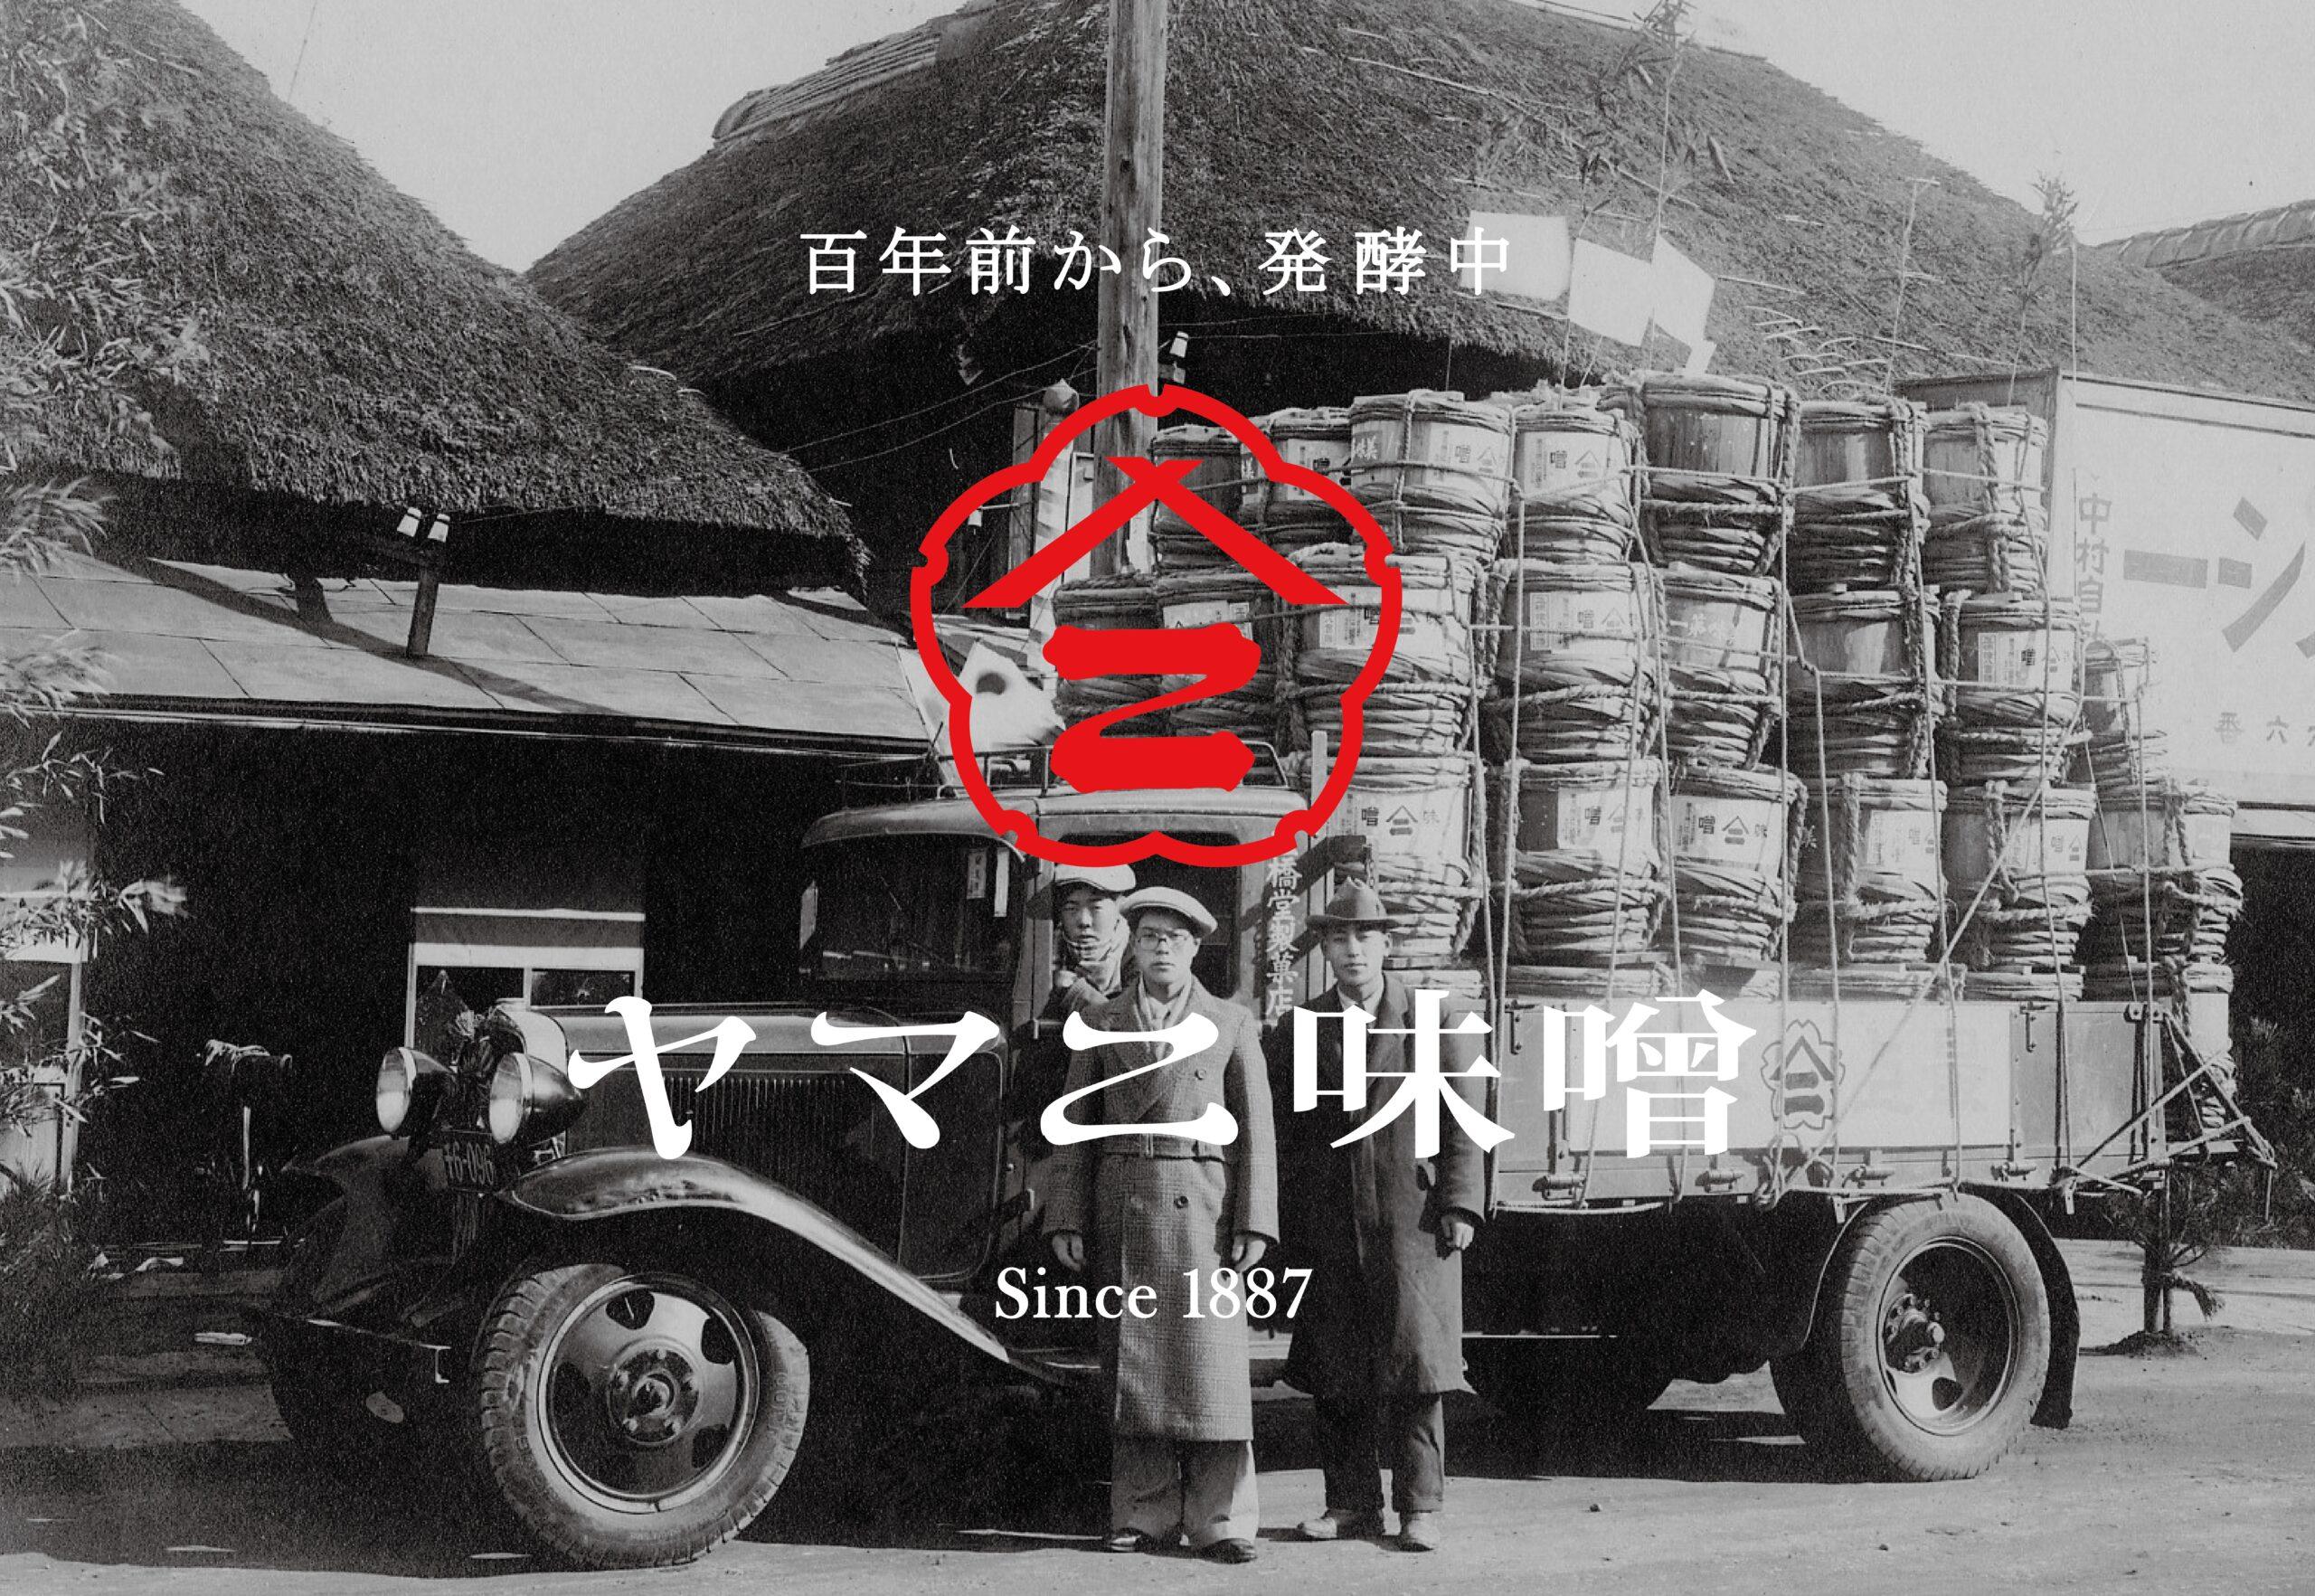 ヤマニ味噌の新しい取組みが「Yahoo!ニュース」に掲載されました。